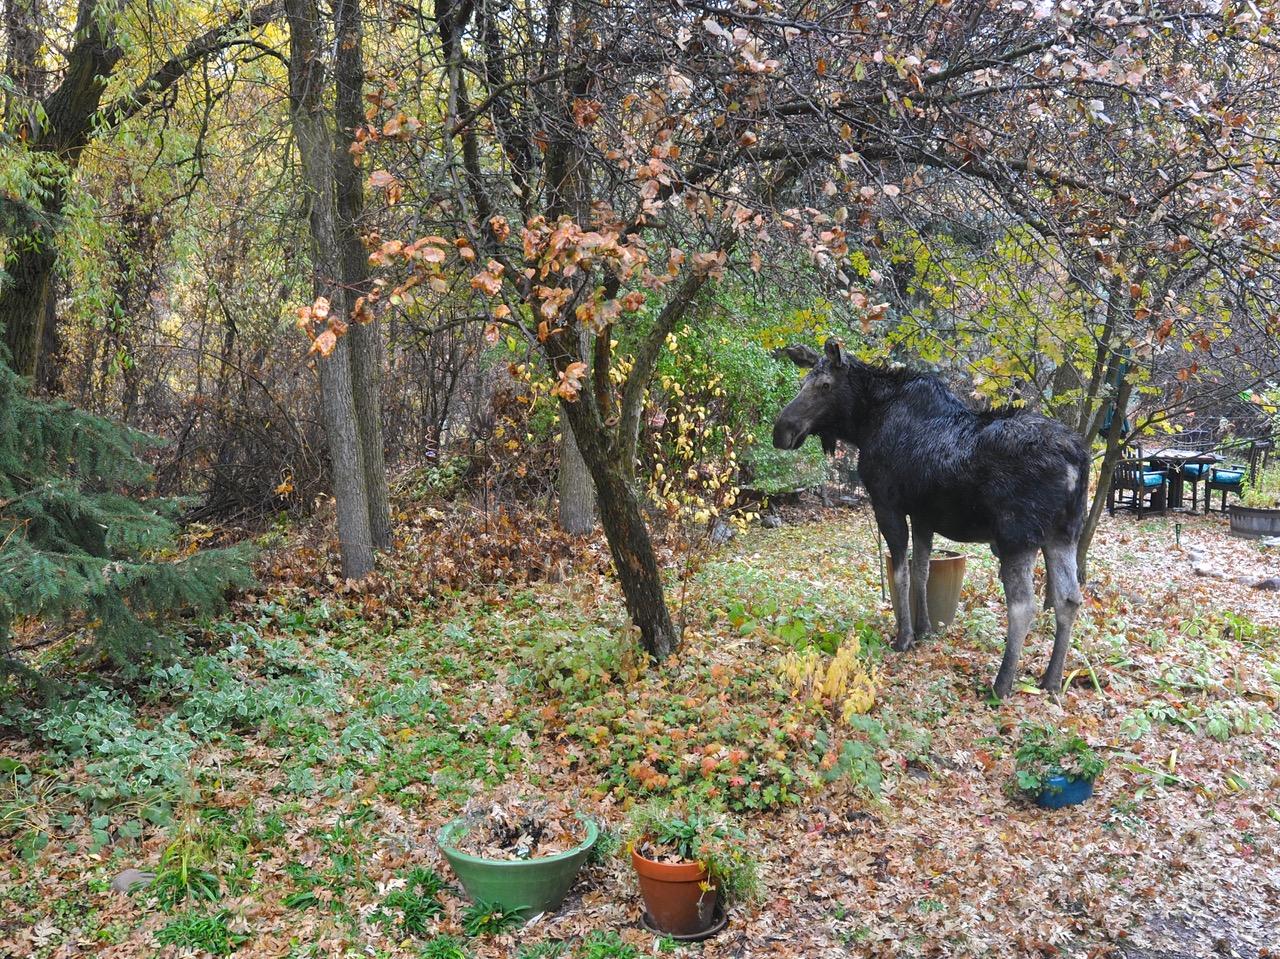 moose in a fall garden